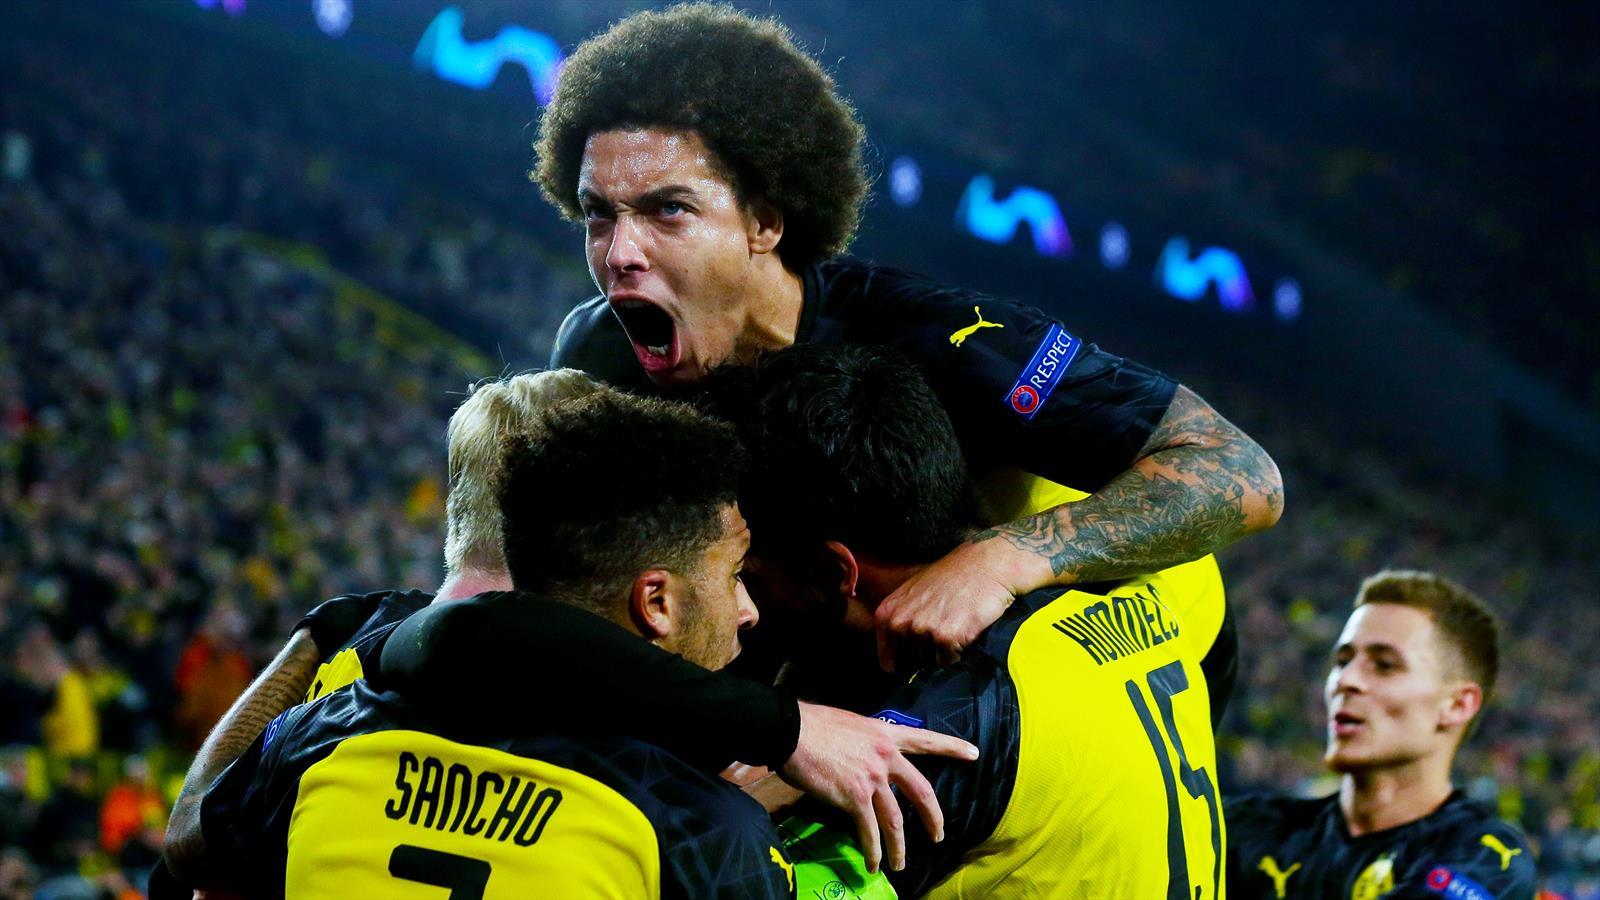 Dortmund rencontres rencontres quelqu'un cinq ans plus jeune